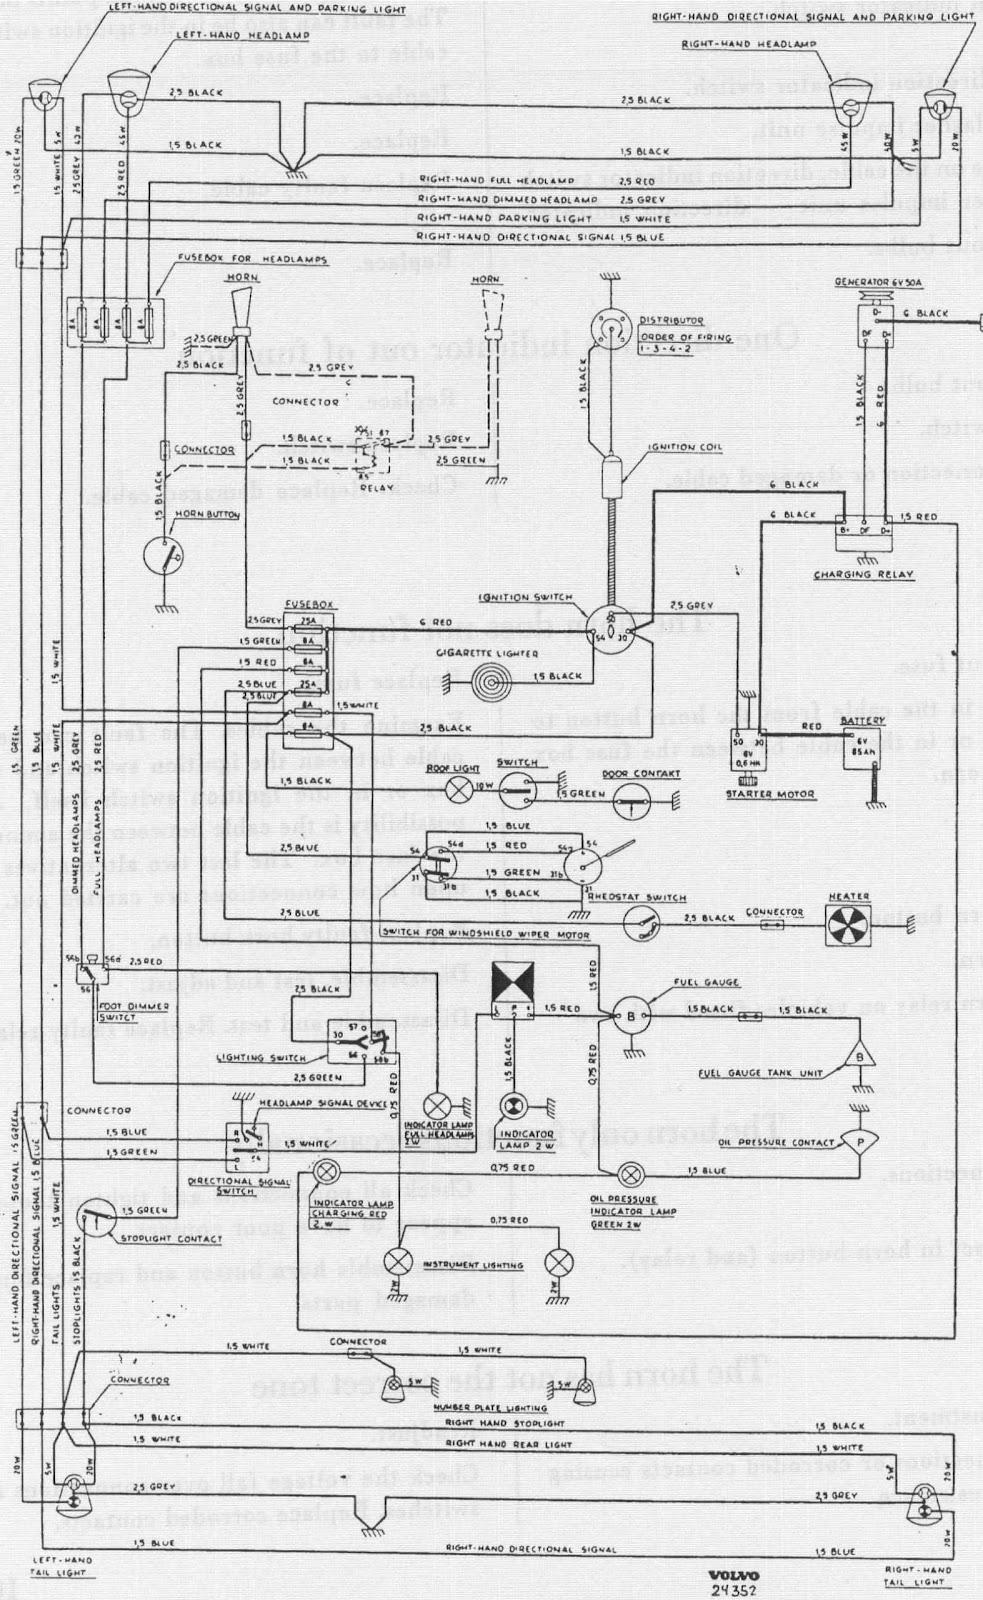 [DIAGRAM] Trailer Tail Light Wiring Diagram Wiring Diagram